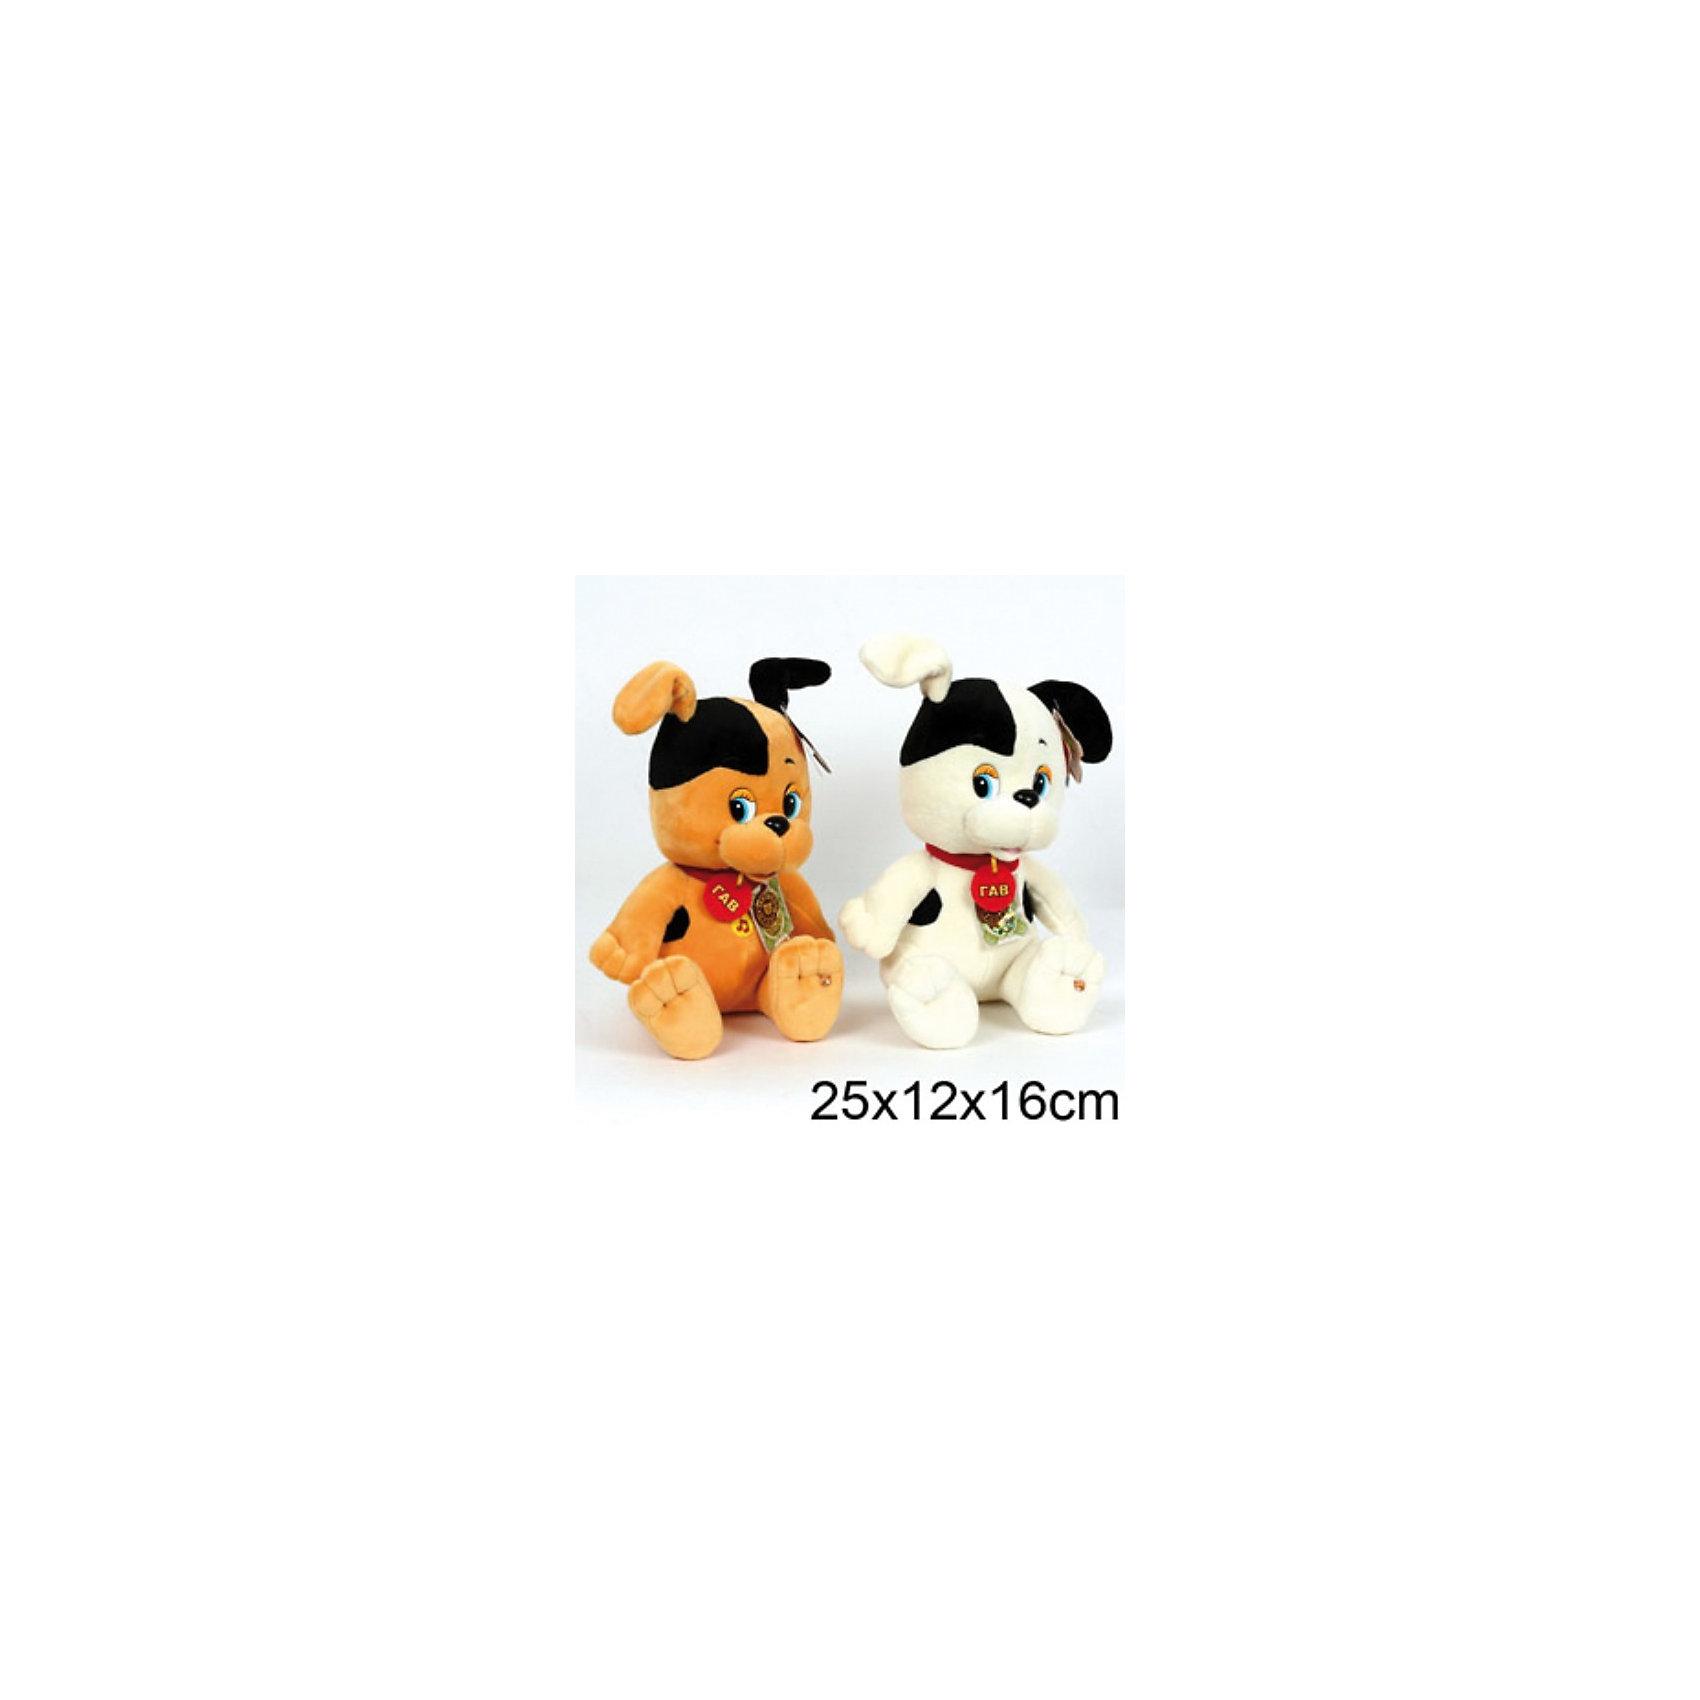 Мягкая игрушка Щенок, 25 см, Котёнок Гав, МУЛЬТИ-ПУЛЬТИКошки и собаки<br>Щенок Шарик - лучший друг Котёнка по имени Гав из одноимённого мультфильма. Мягкая озвученная игрушка Щенок от Мульти-Пульти станет приятным сюрпризом для Вашего ребенка. Если нажать щенку на животик, он произносит несколько фраз из мультфильма.<br>. <br>Дополнительная информация:<br><br>- Материал: плюш, текстиль, наполнитель: синтепон.<br>- Требуются батарейки: 3 * LR44 (входят в комплект).<br>- Размер: 25 х 12 х 16 см.<br>- Вес: 0,260 кг.<br><br>Мягкую игрушку Щенок Шарик (Котенок по имени Гав) от Мульти-Пульти можно купить в нашем магазине.<br><br>ВНИМАНИЕ! Данный артикул имеется в наличии в разных цветовых исполнениях (белый и бежевый). К сожалению, заранее выбрать определенный цвет не возможно.<br><br>Ширина мм: 200<br>Глубина мм: 220<br>Высота мм: 270<br>Вес г: 420<br>Возраст от месяцев: 12<br>Возраст до месяцев: 72<br>Пол: Унисекс<br>Возраст: Детский<br>SKU: 2149178